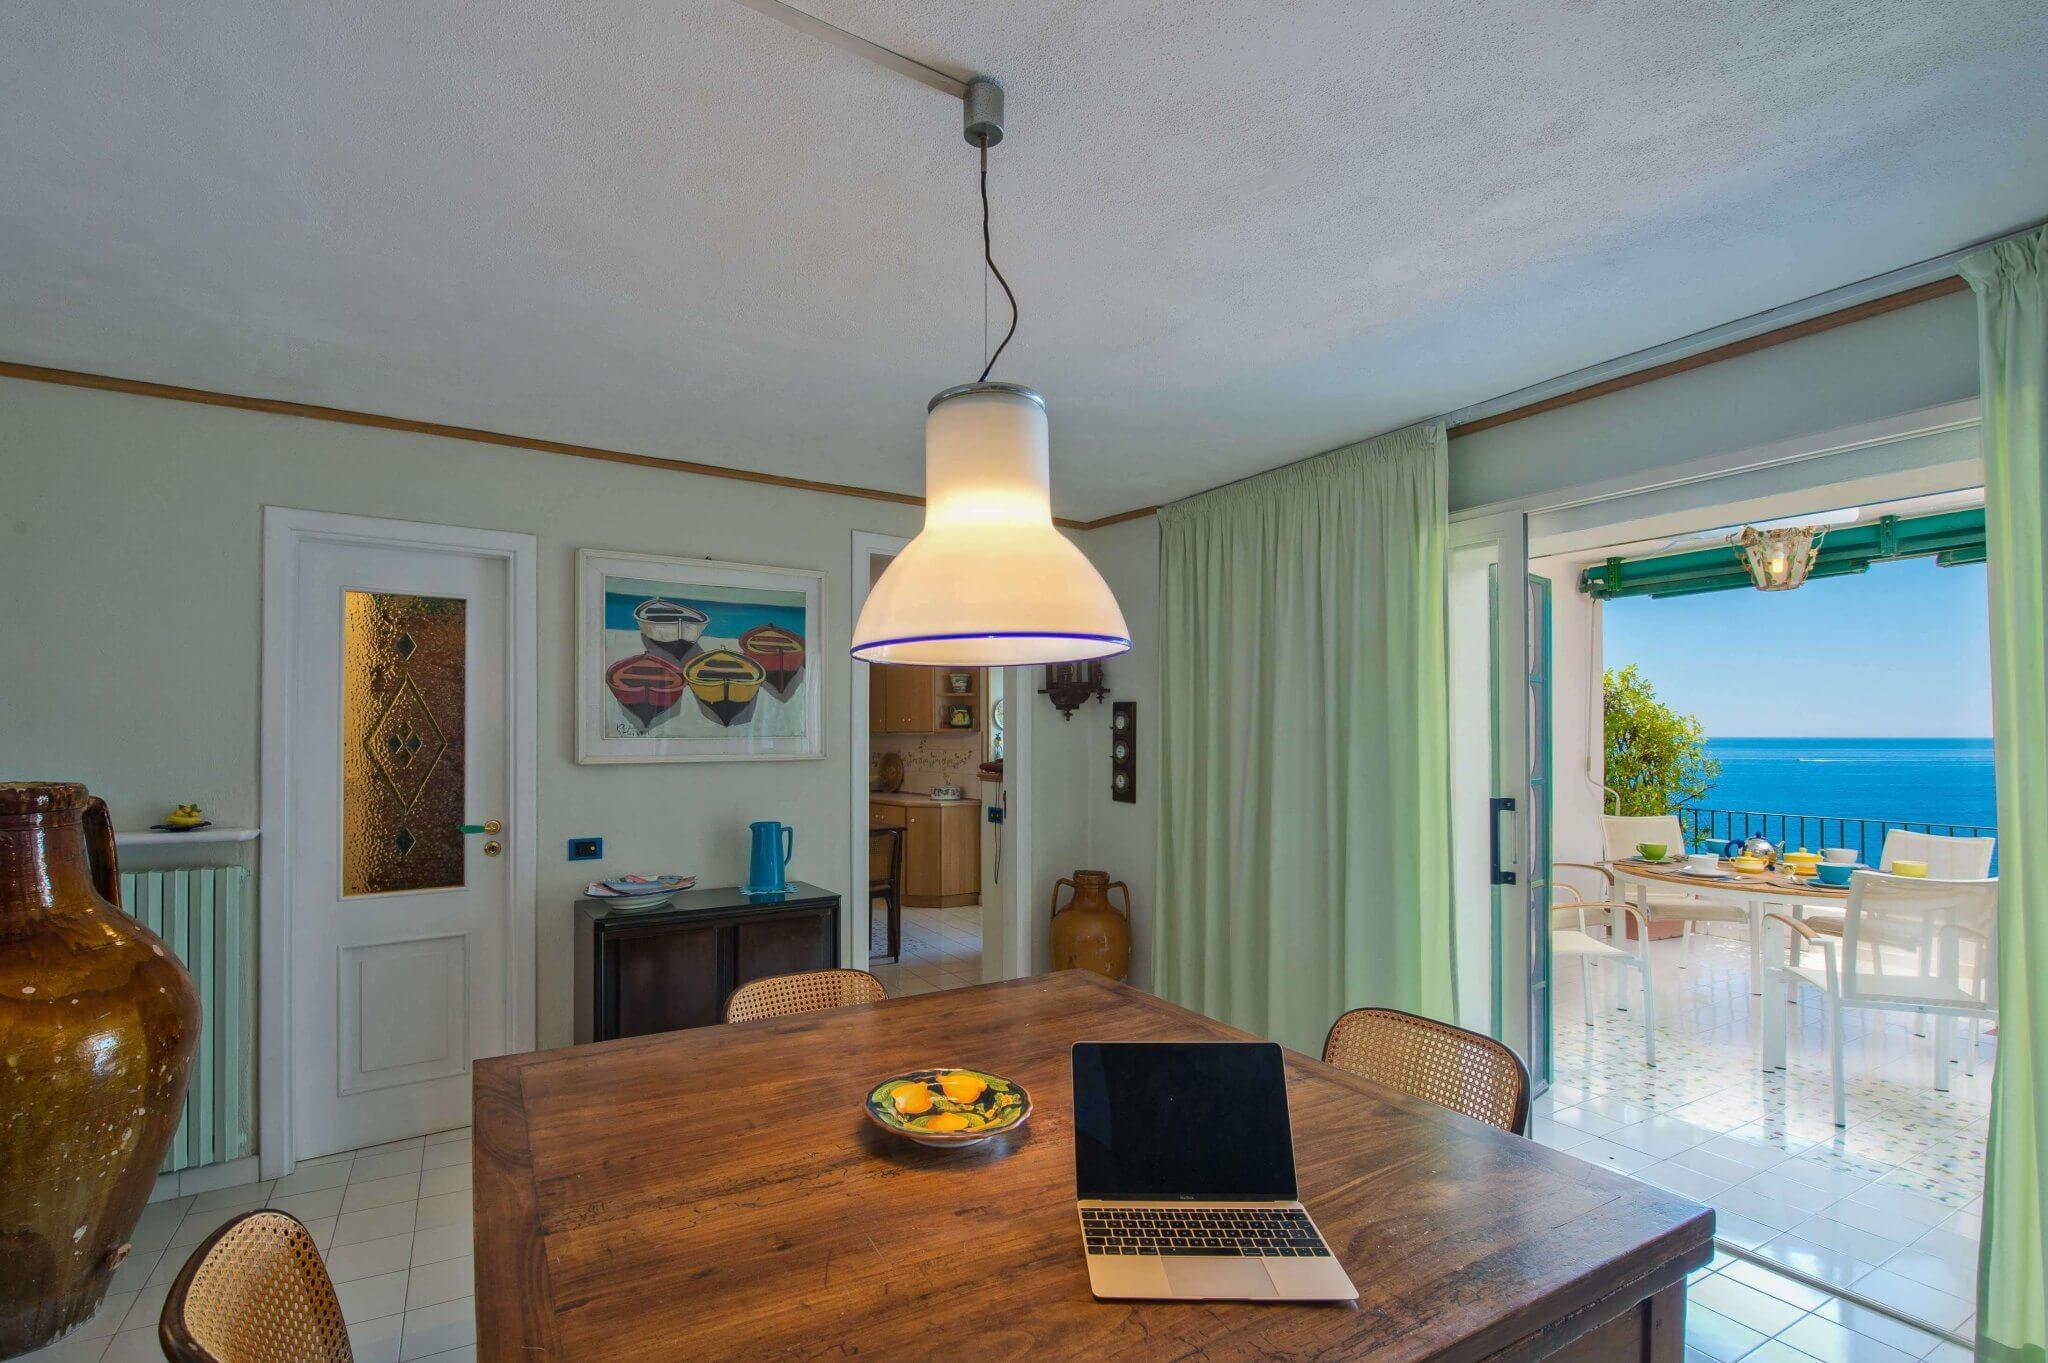 grossz giger innenbereich 3 schlafzimmer 6 g ste grosse k che. Black Bedroom Furniture Sets. Home Design Ideas